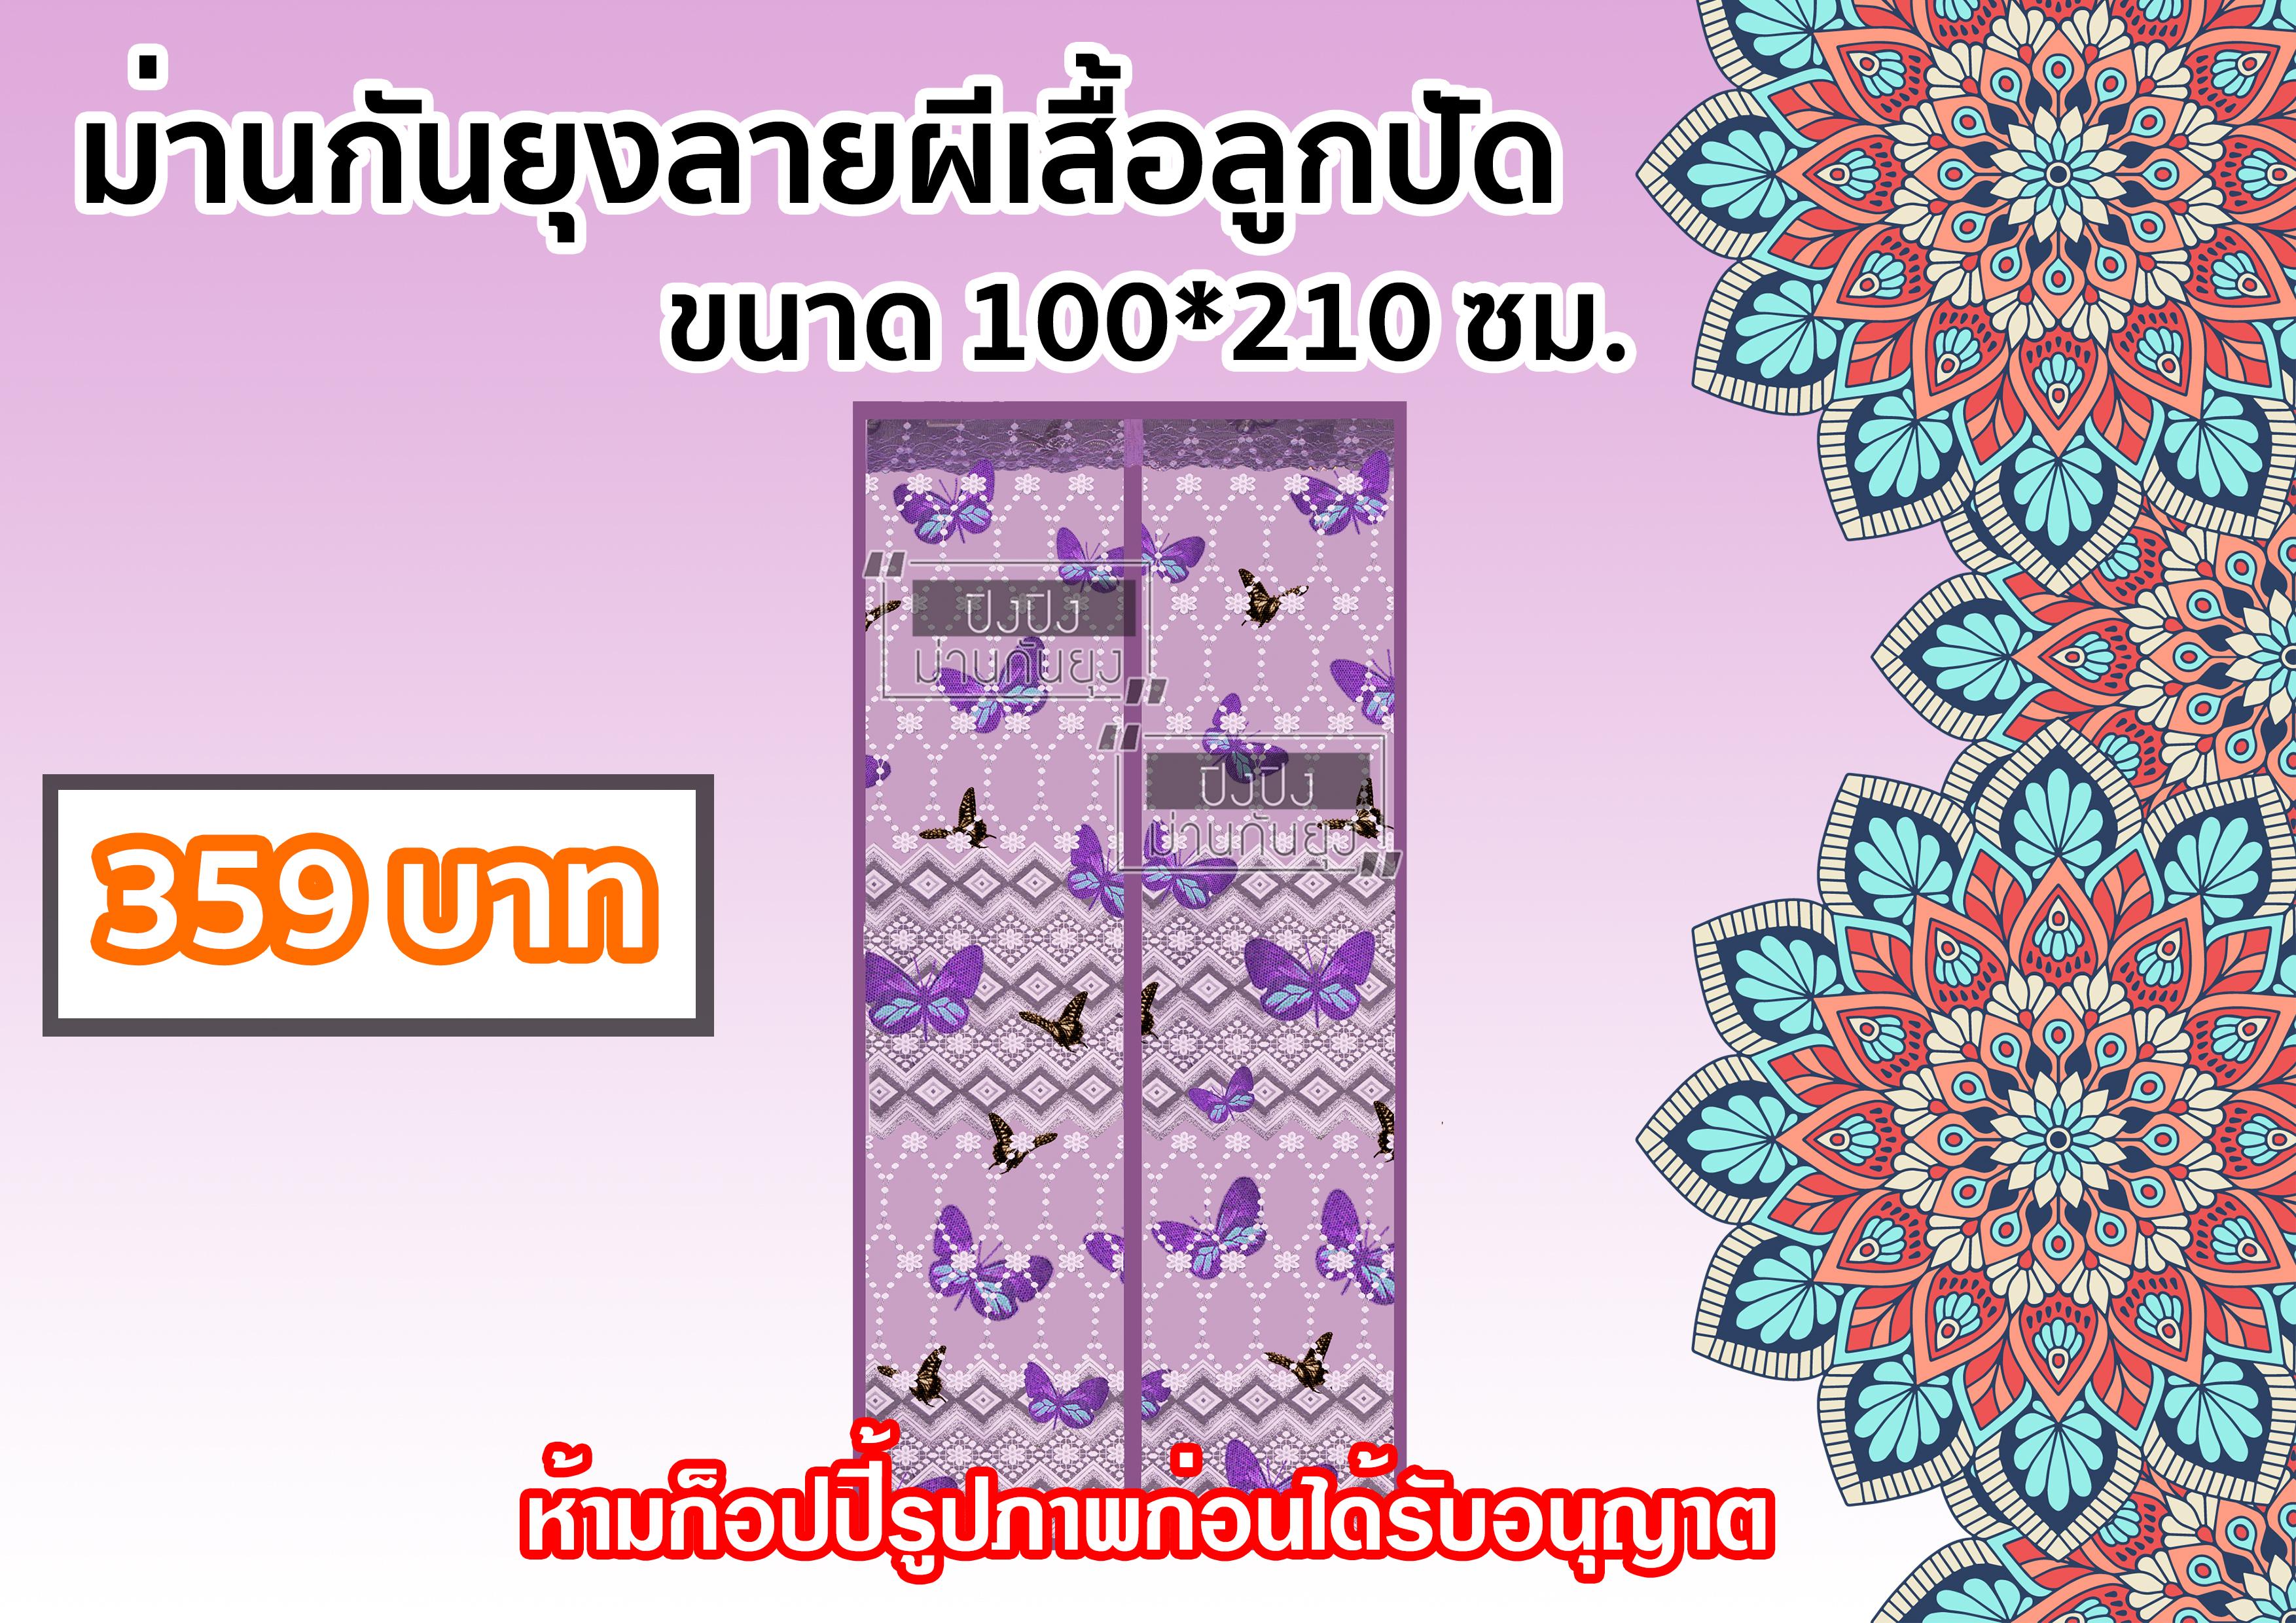 ม่านกันยุงกันลายผีเสื้อลูกปัดสีม่วงขนาด100*210